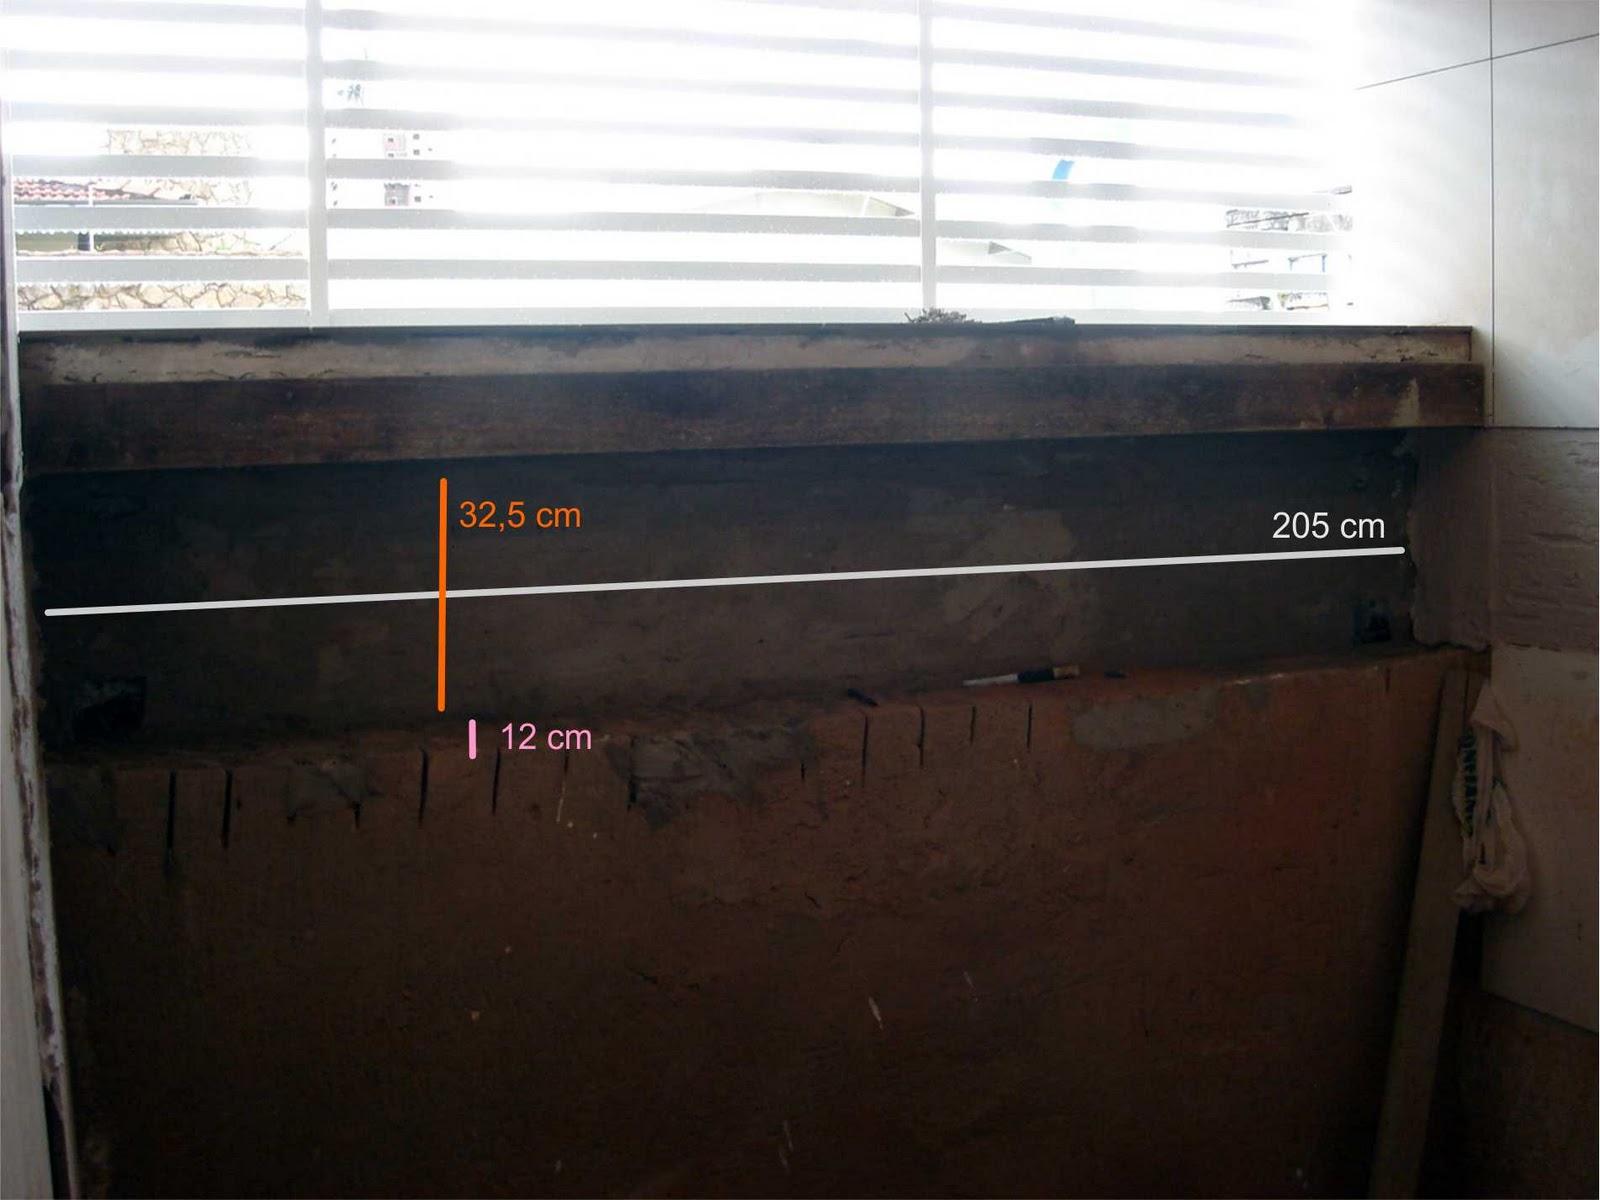 Assim como a janela o nicho foi feito de fora a fora no box com 2 05  #BA5311 1600x1200 Altura Minima Janela Banheiro